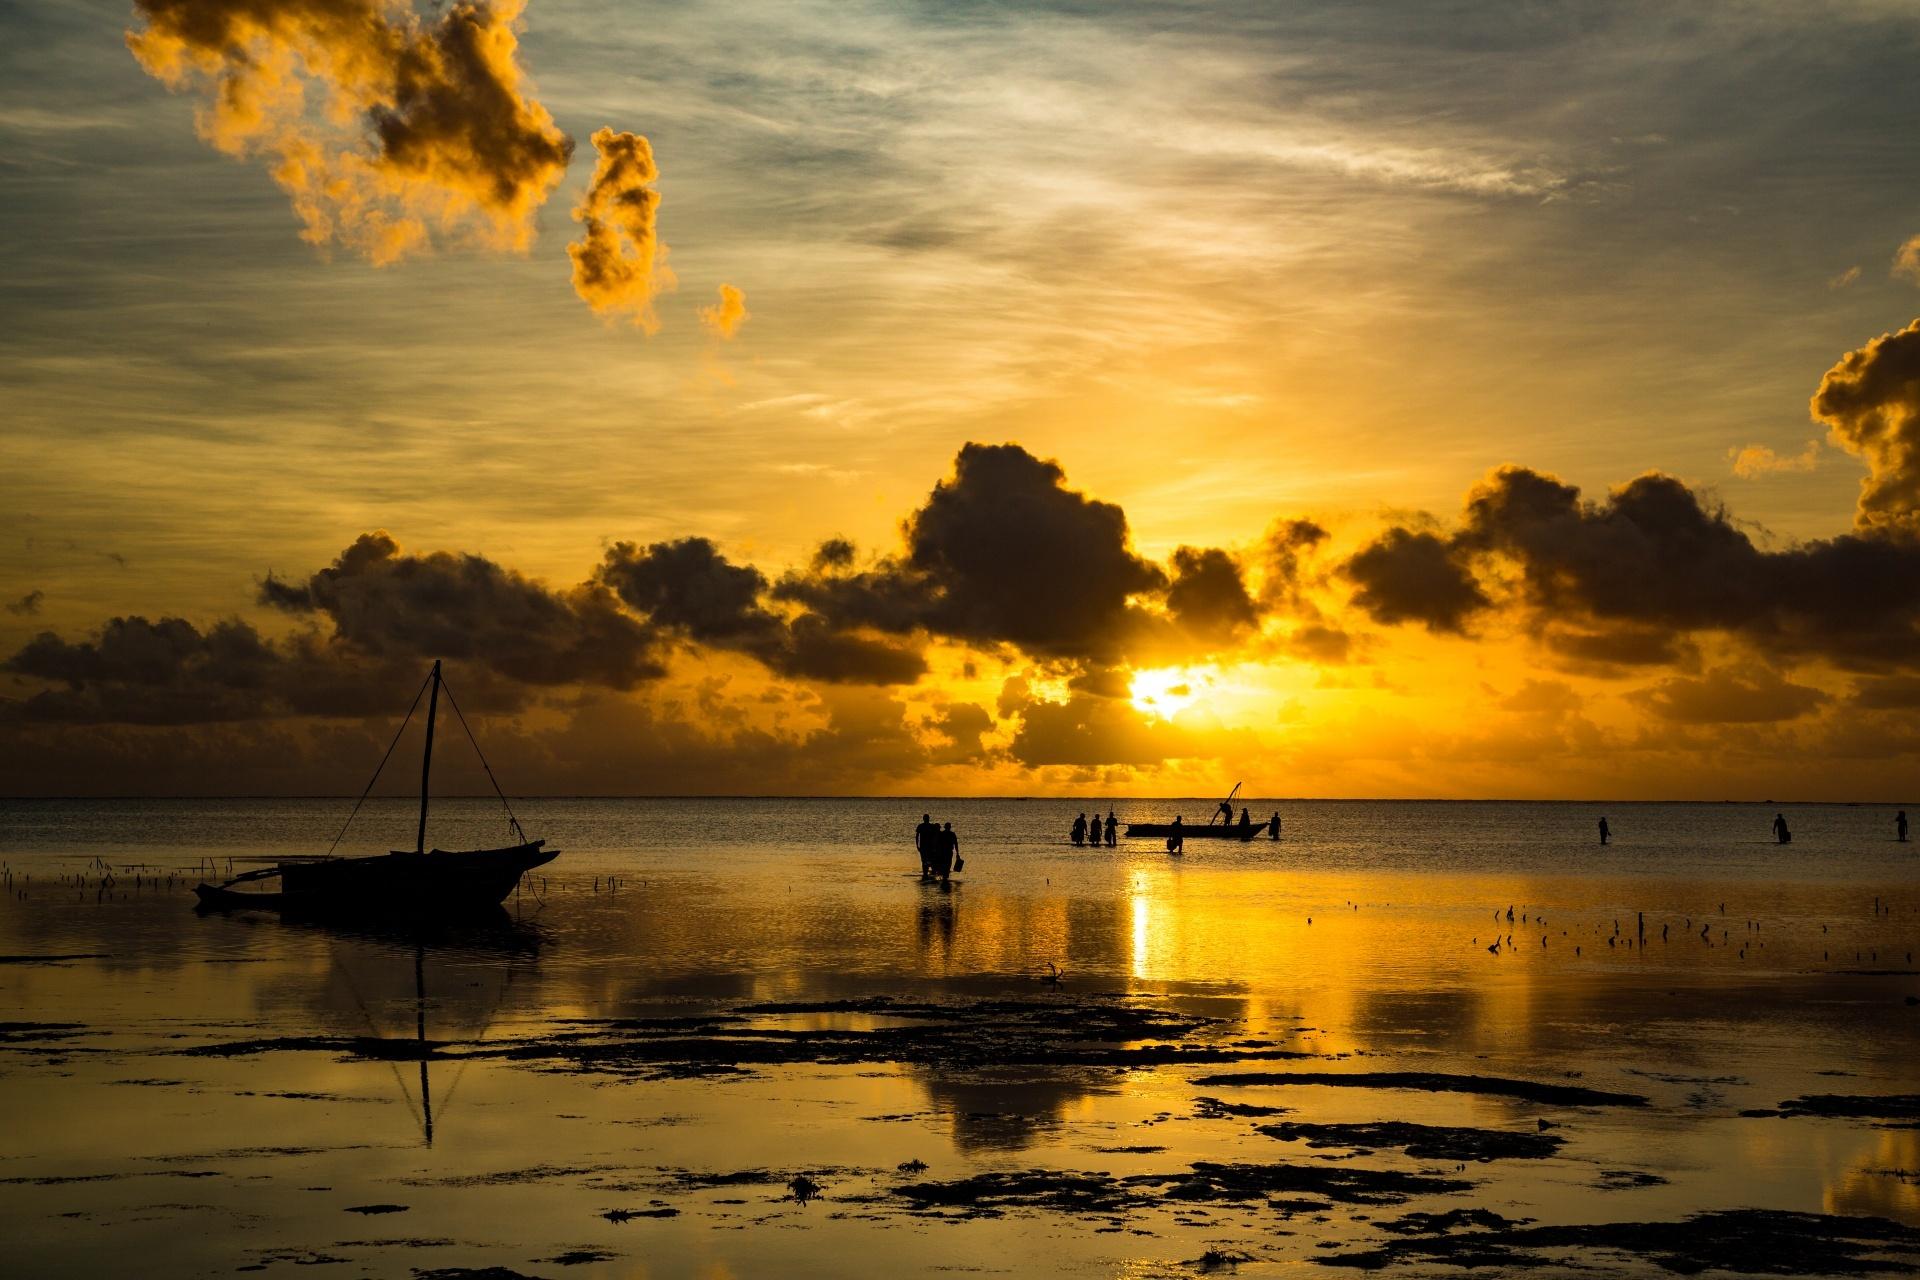 ジャンビアニの朝の風景 伝統的な舟「ガラワ」と漁師 タンザニアの風景